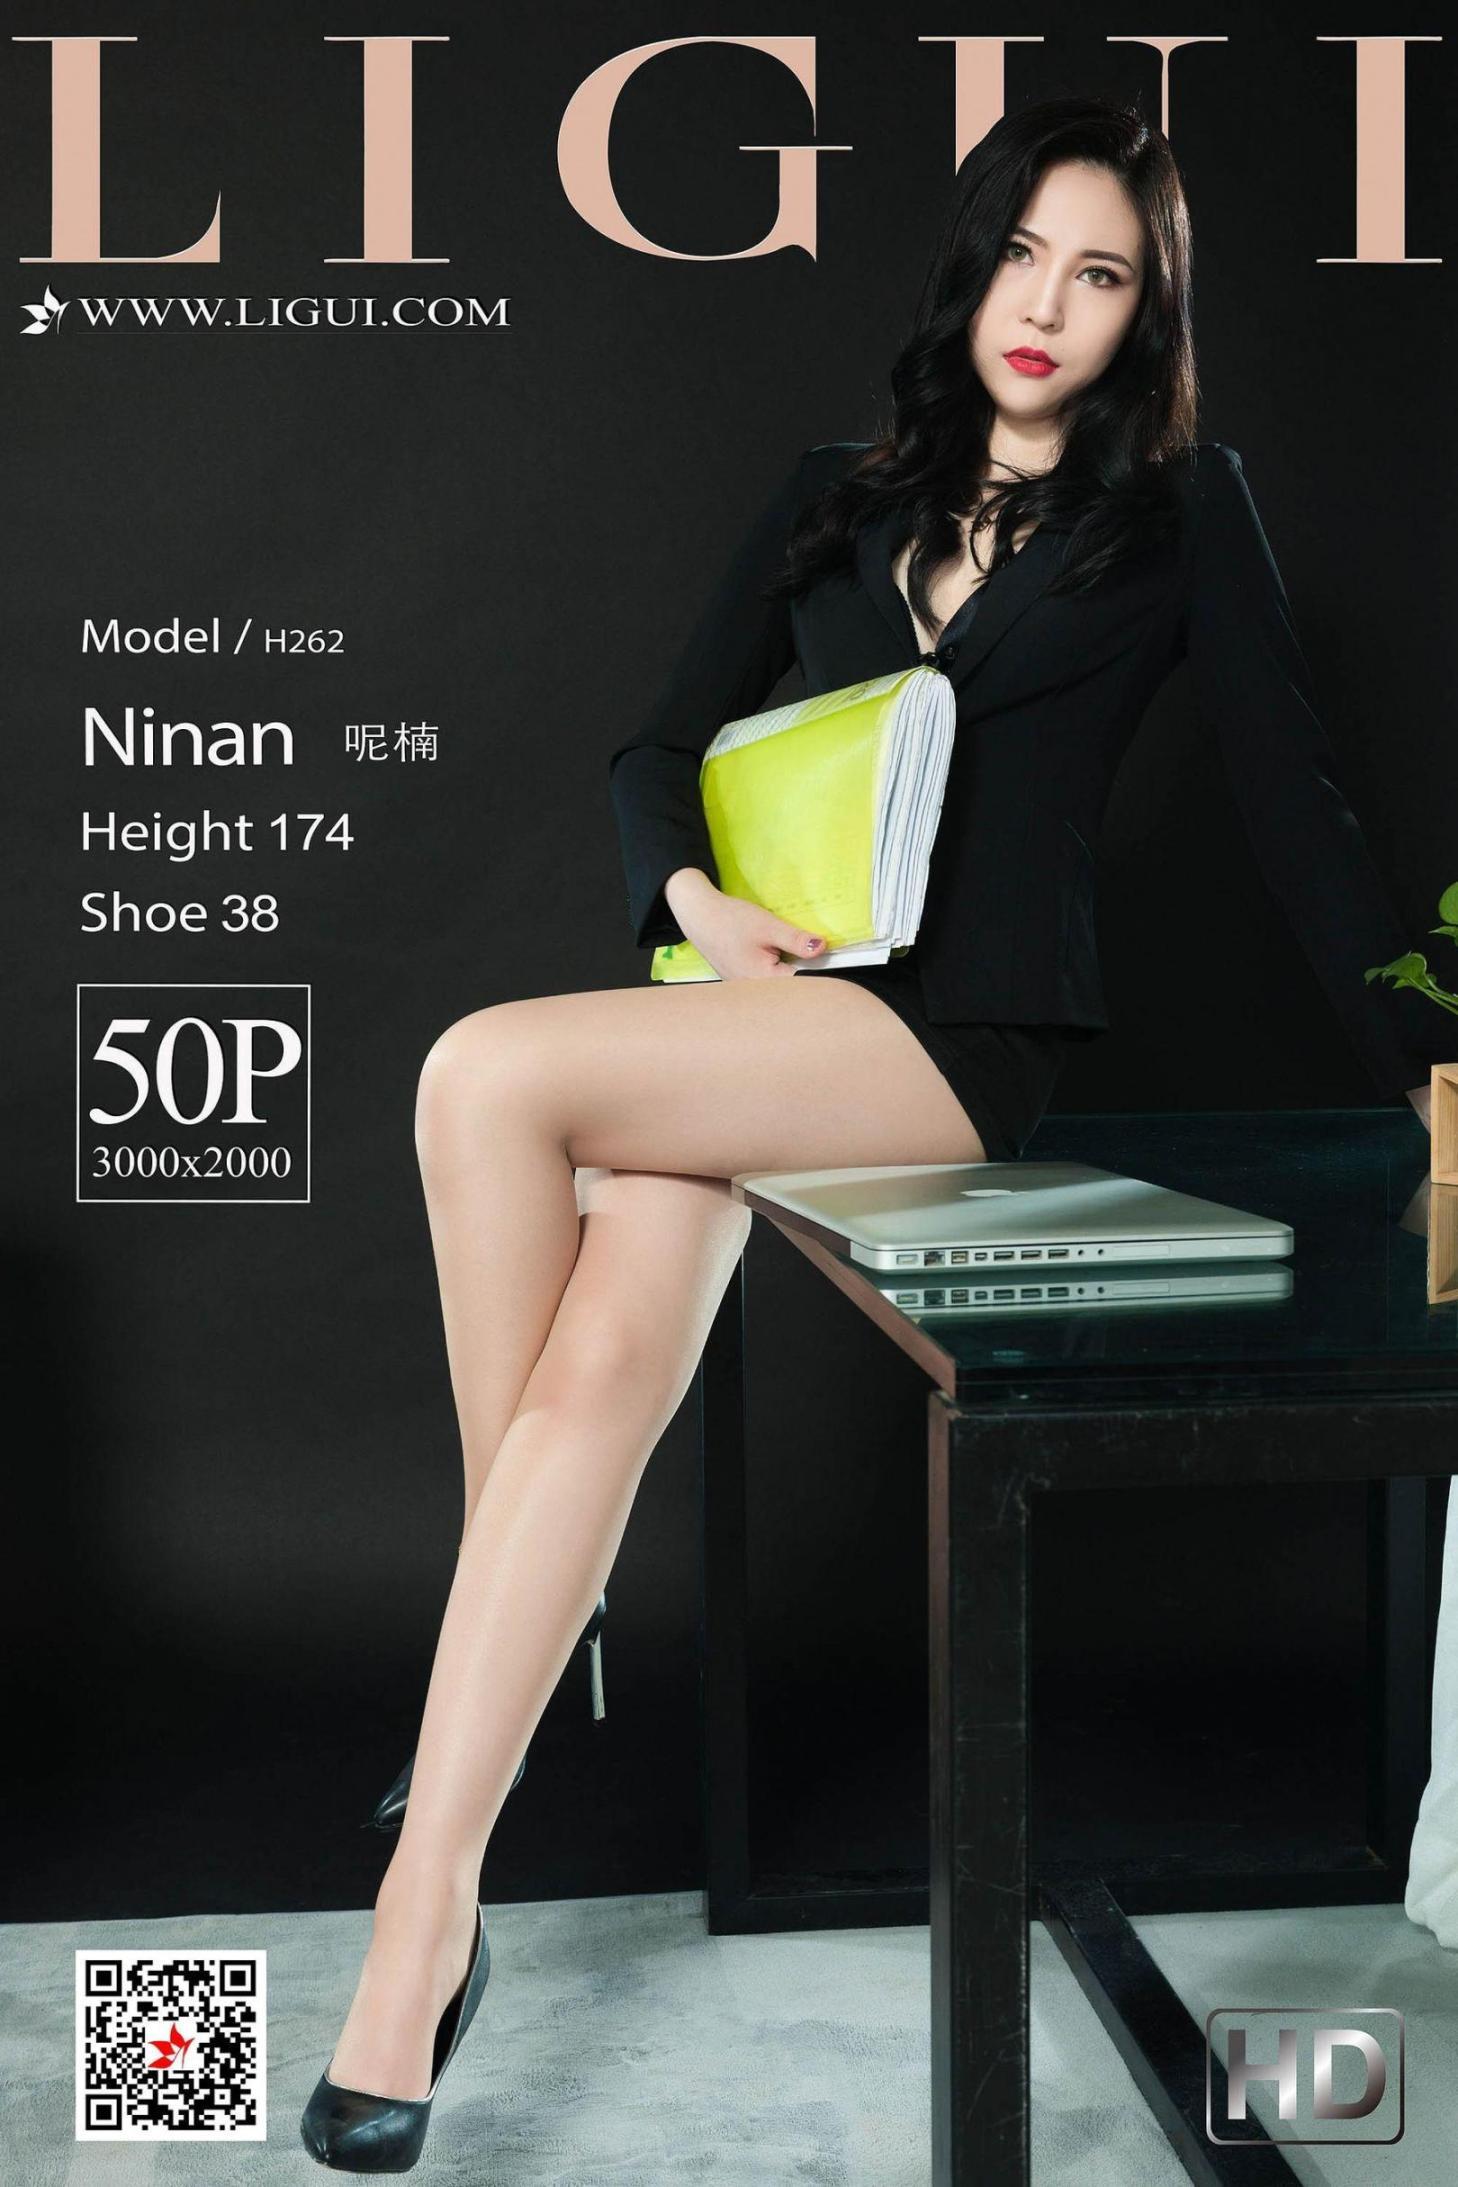 [网络美女] 网络美女 肉丝长腿OL女郎 高清写真套图